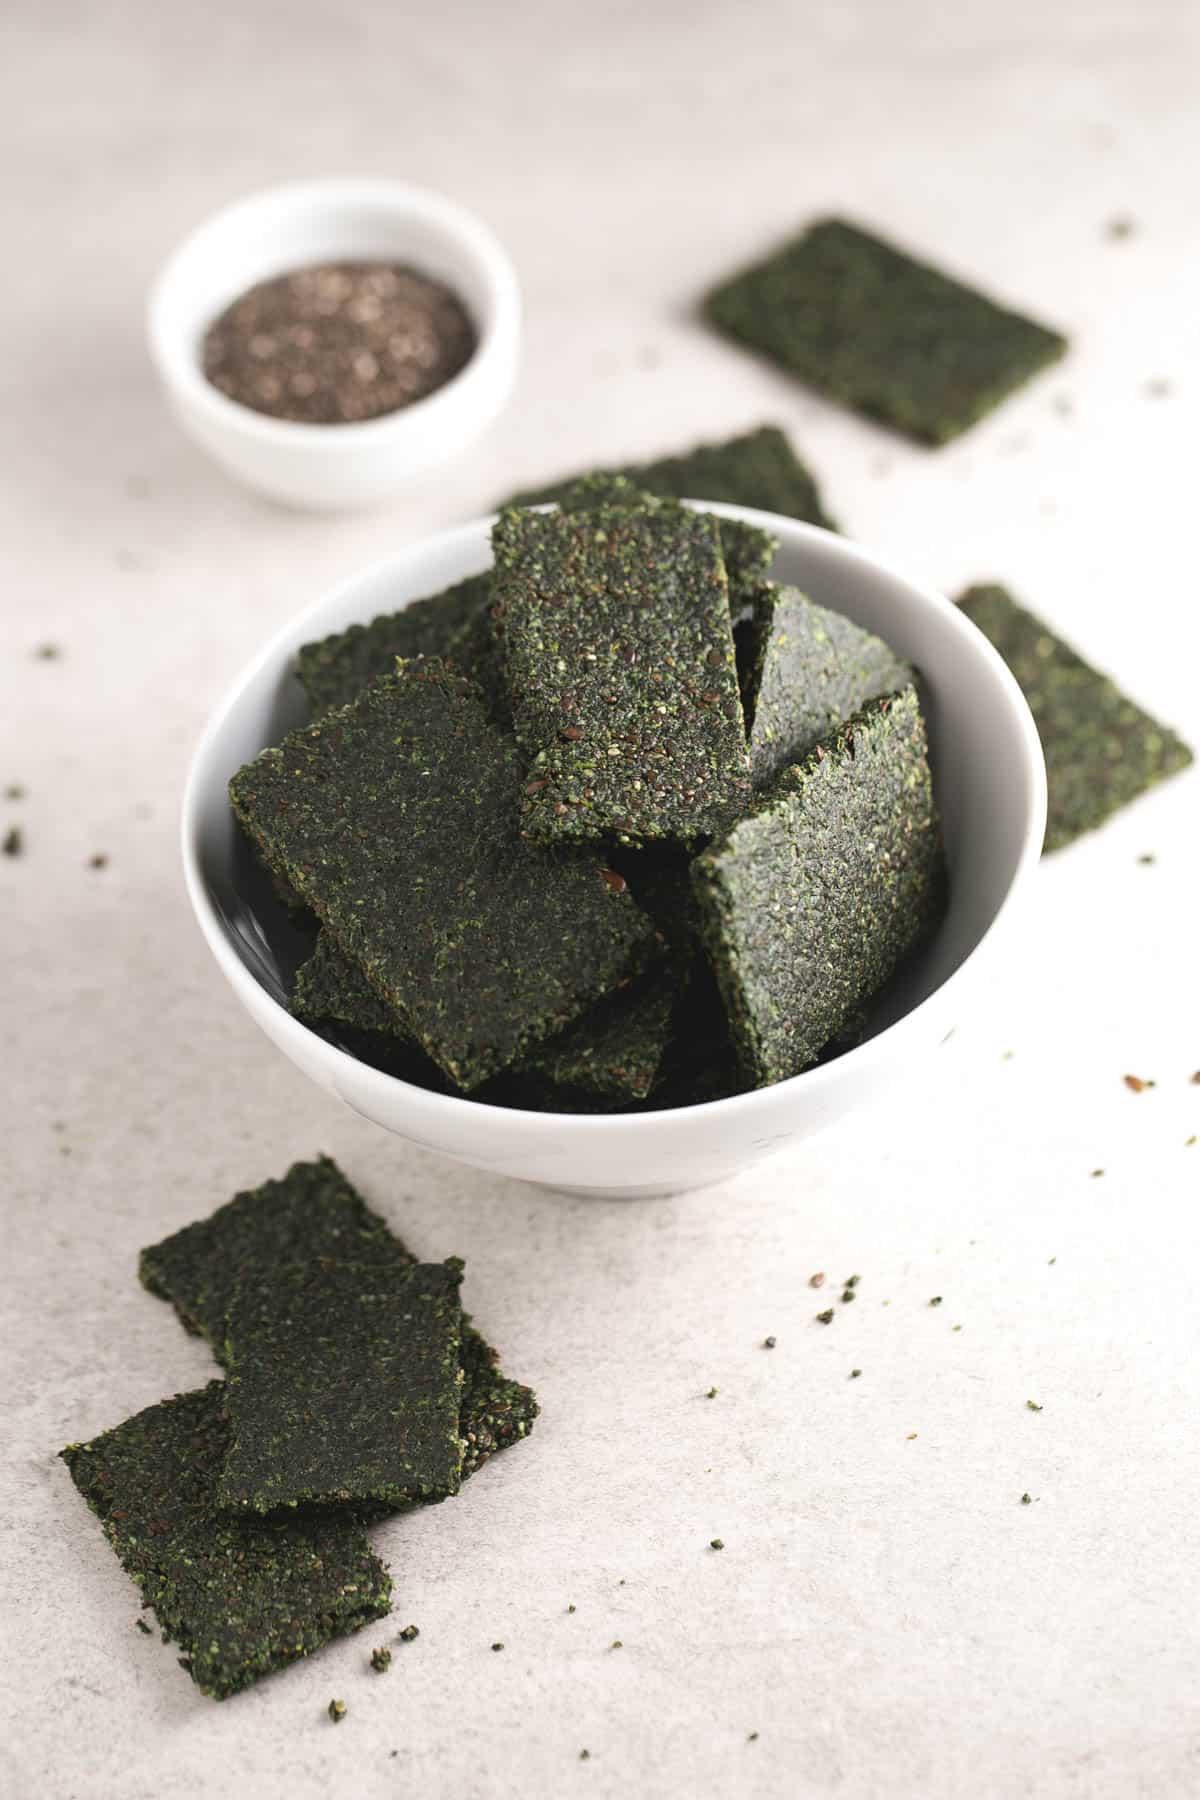 Crackers deshidratados - Hacer crackers en un deshidratador es facilísimo. Pueden ser una alternativa saludable al pan y son perfectas para acompañar dips, patés vegetales o hummus.